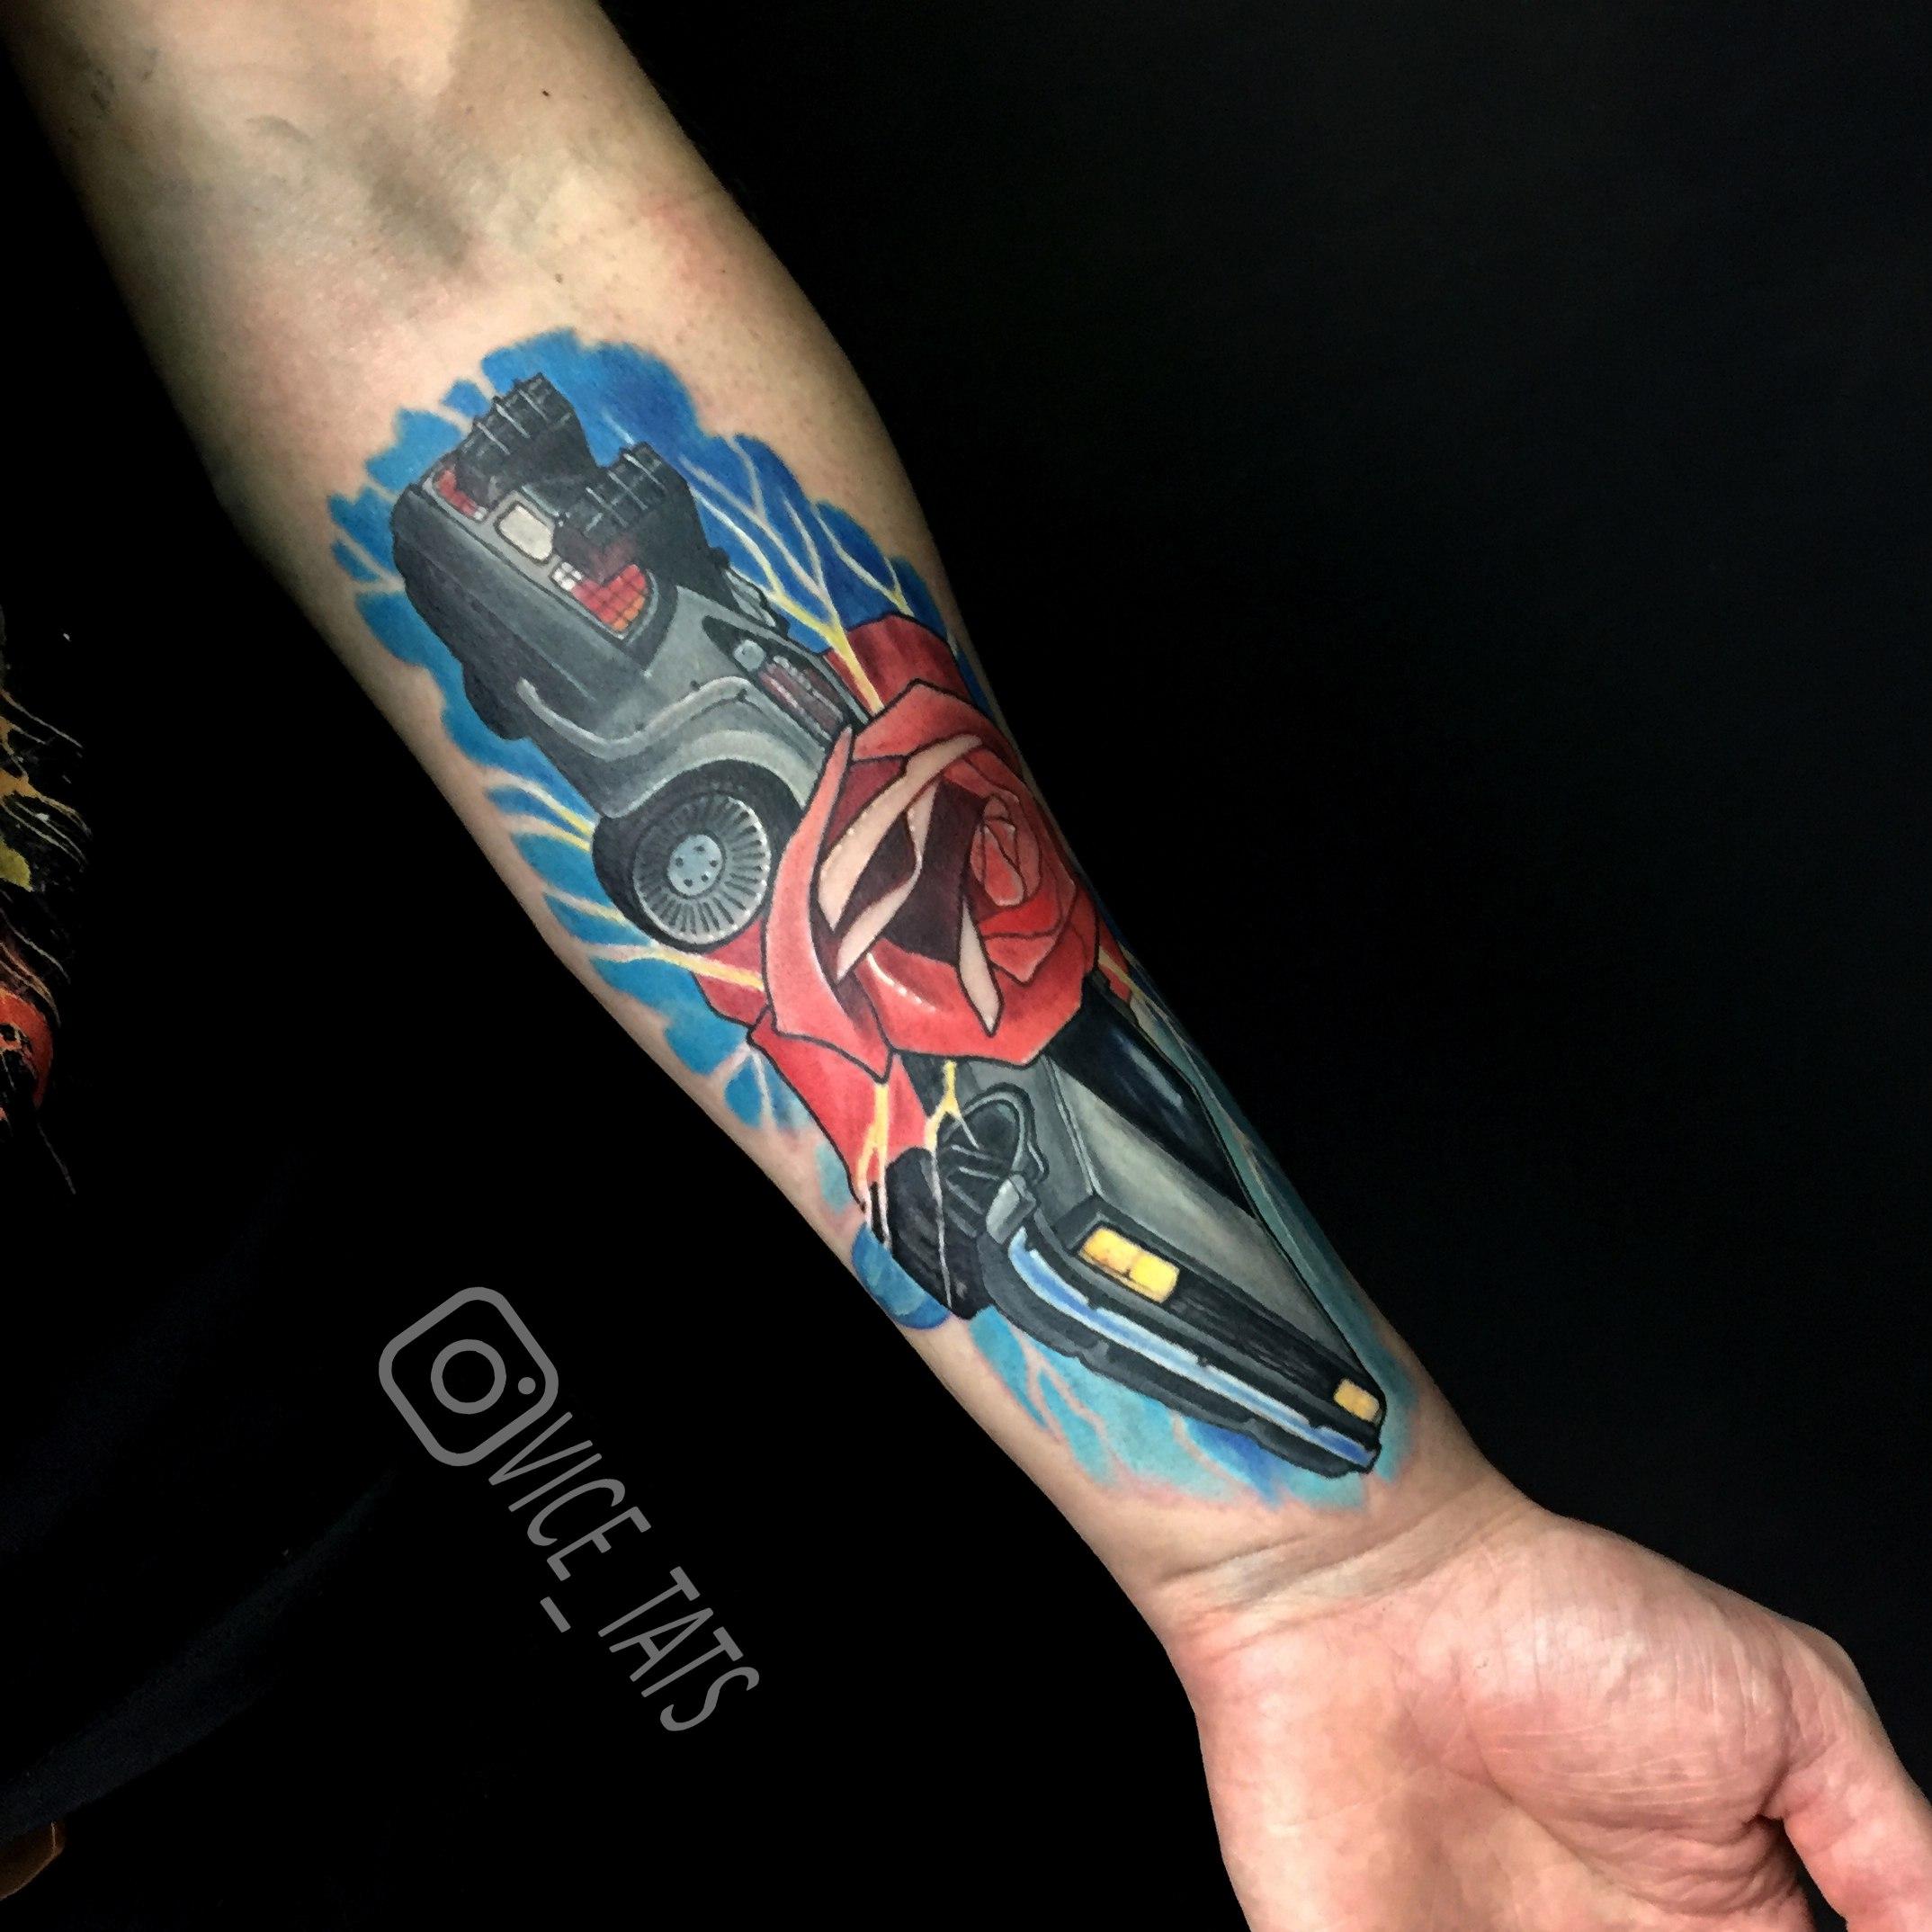 Художественная татуировка «Назад в будущее». Мастер Дима Поликарпов